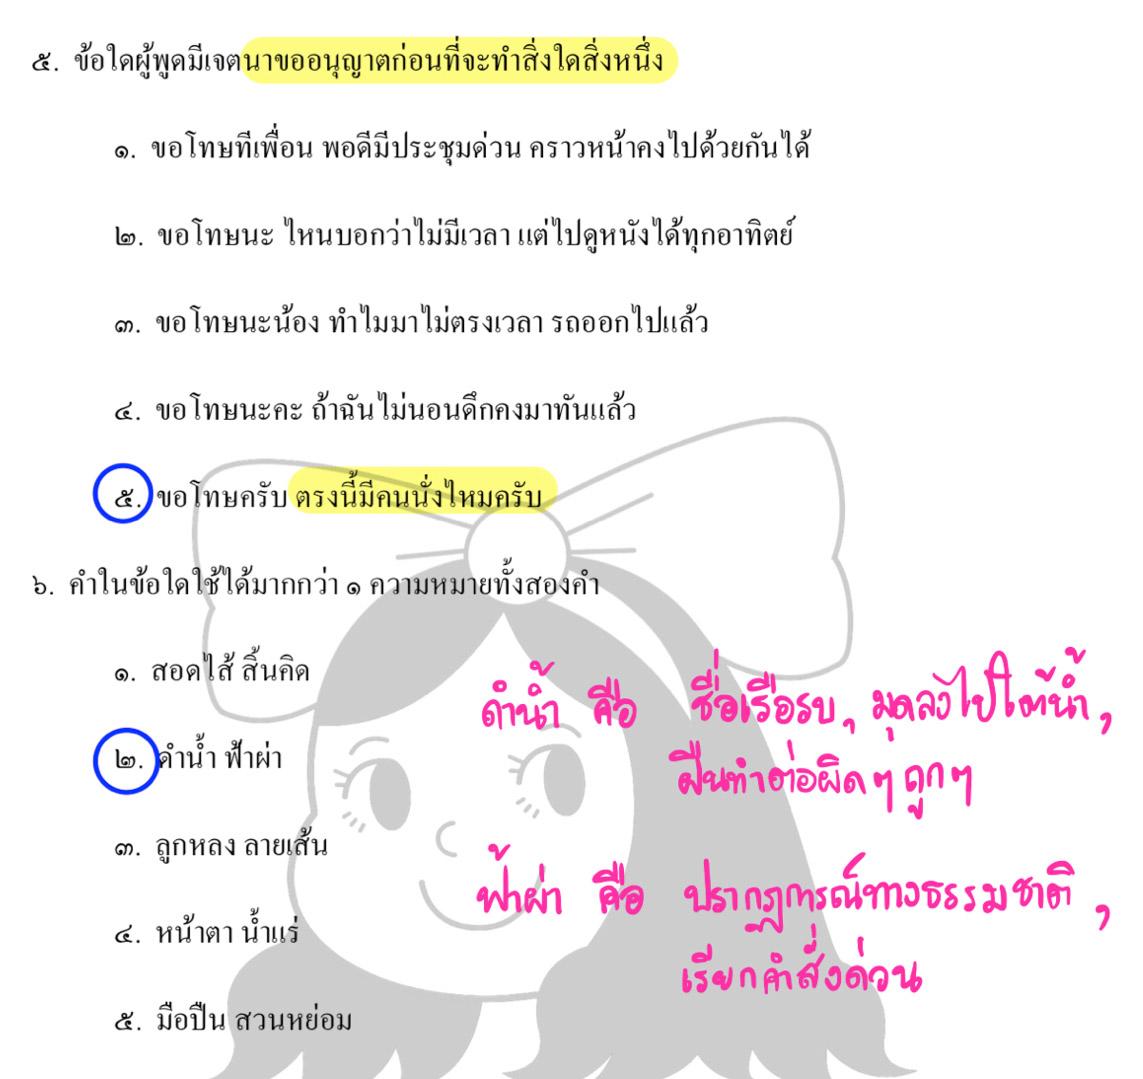 เฉลยข้อสอบ 9วิชาสามัญ วิชาภาษาไทย ปี 2559